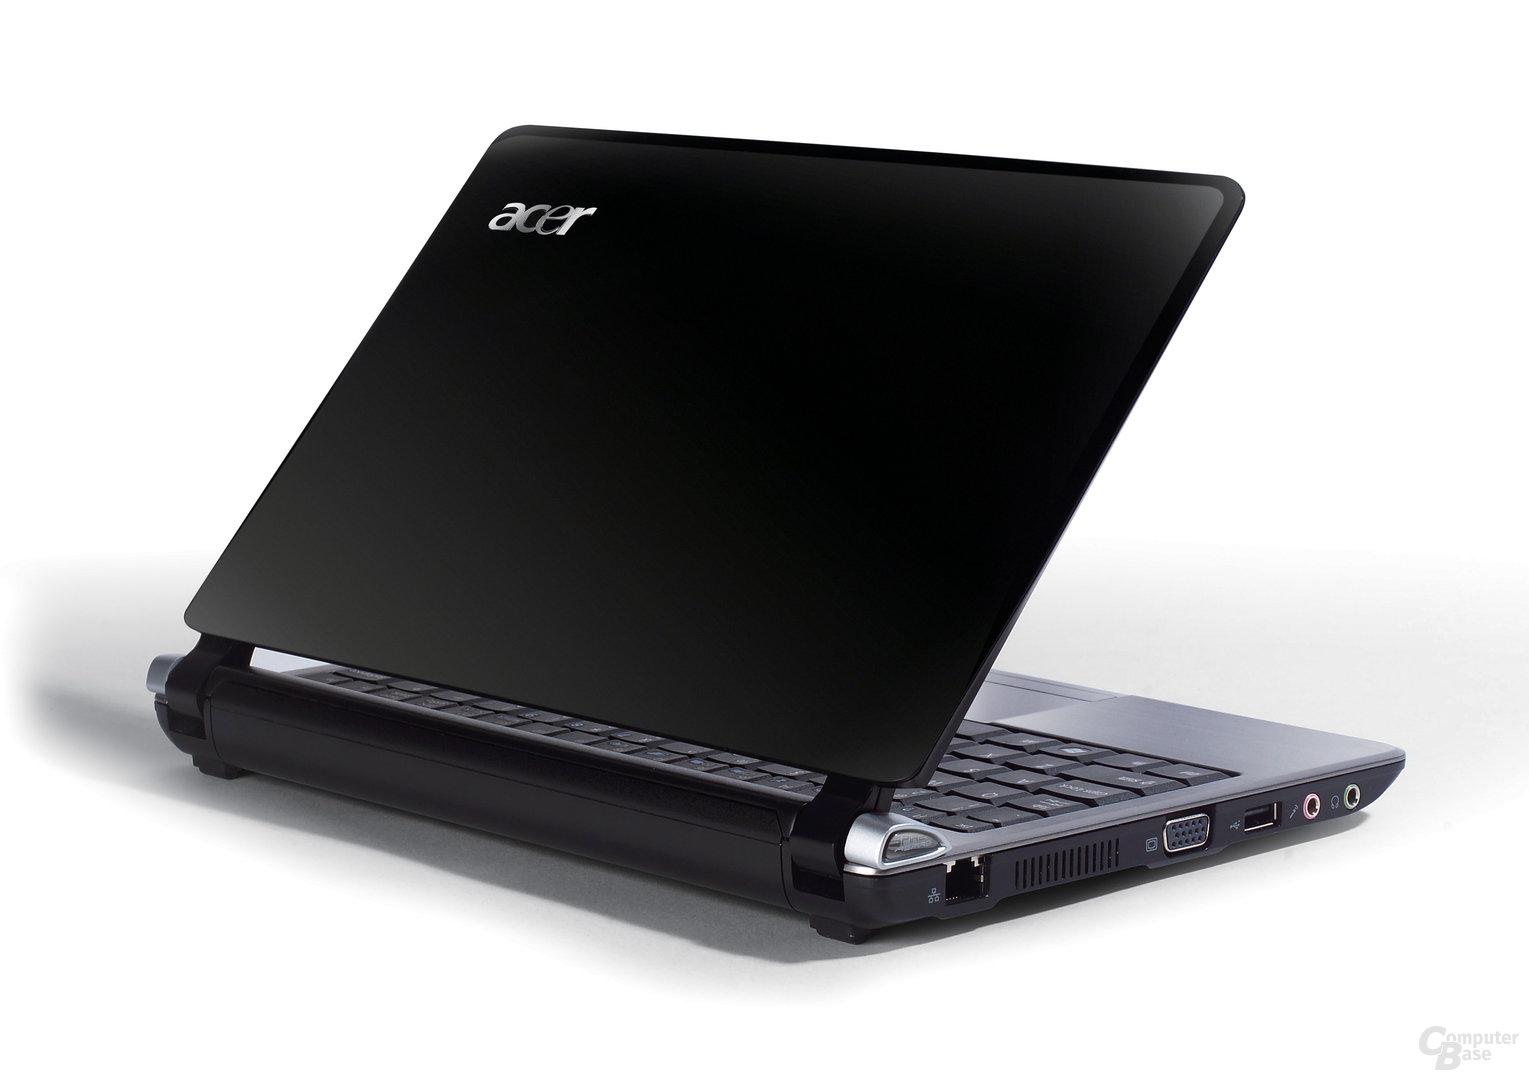 Acer Aspire one D250 in schwarz